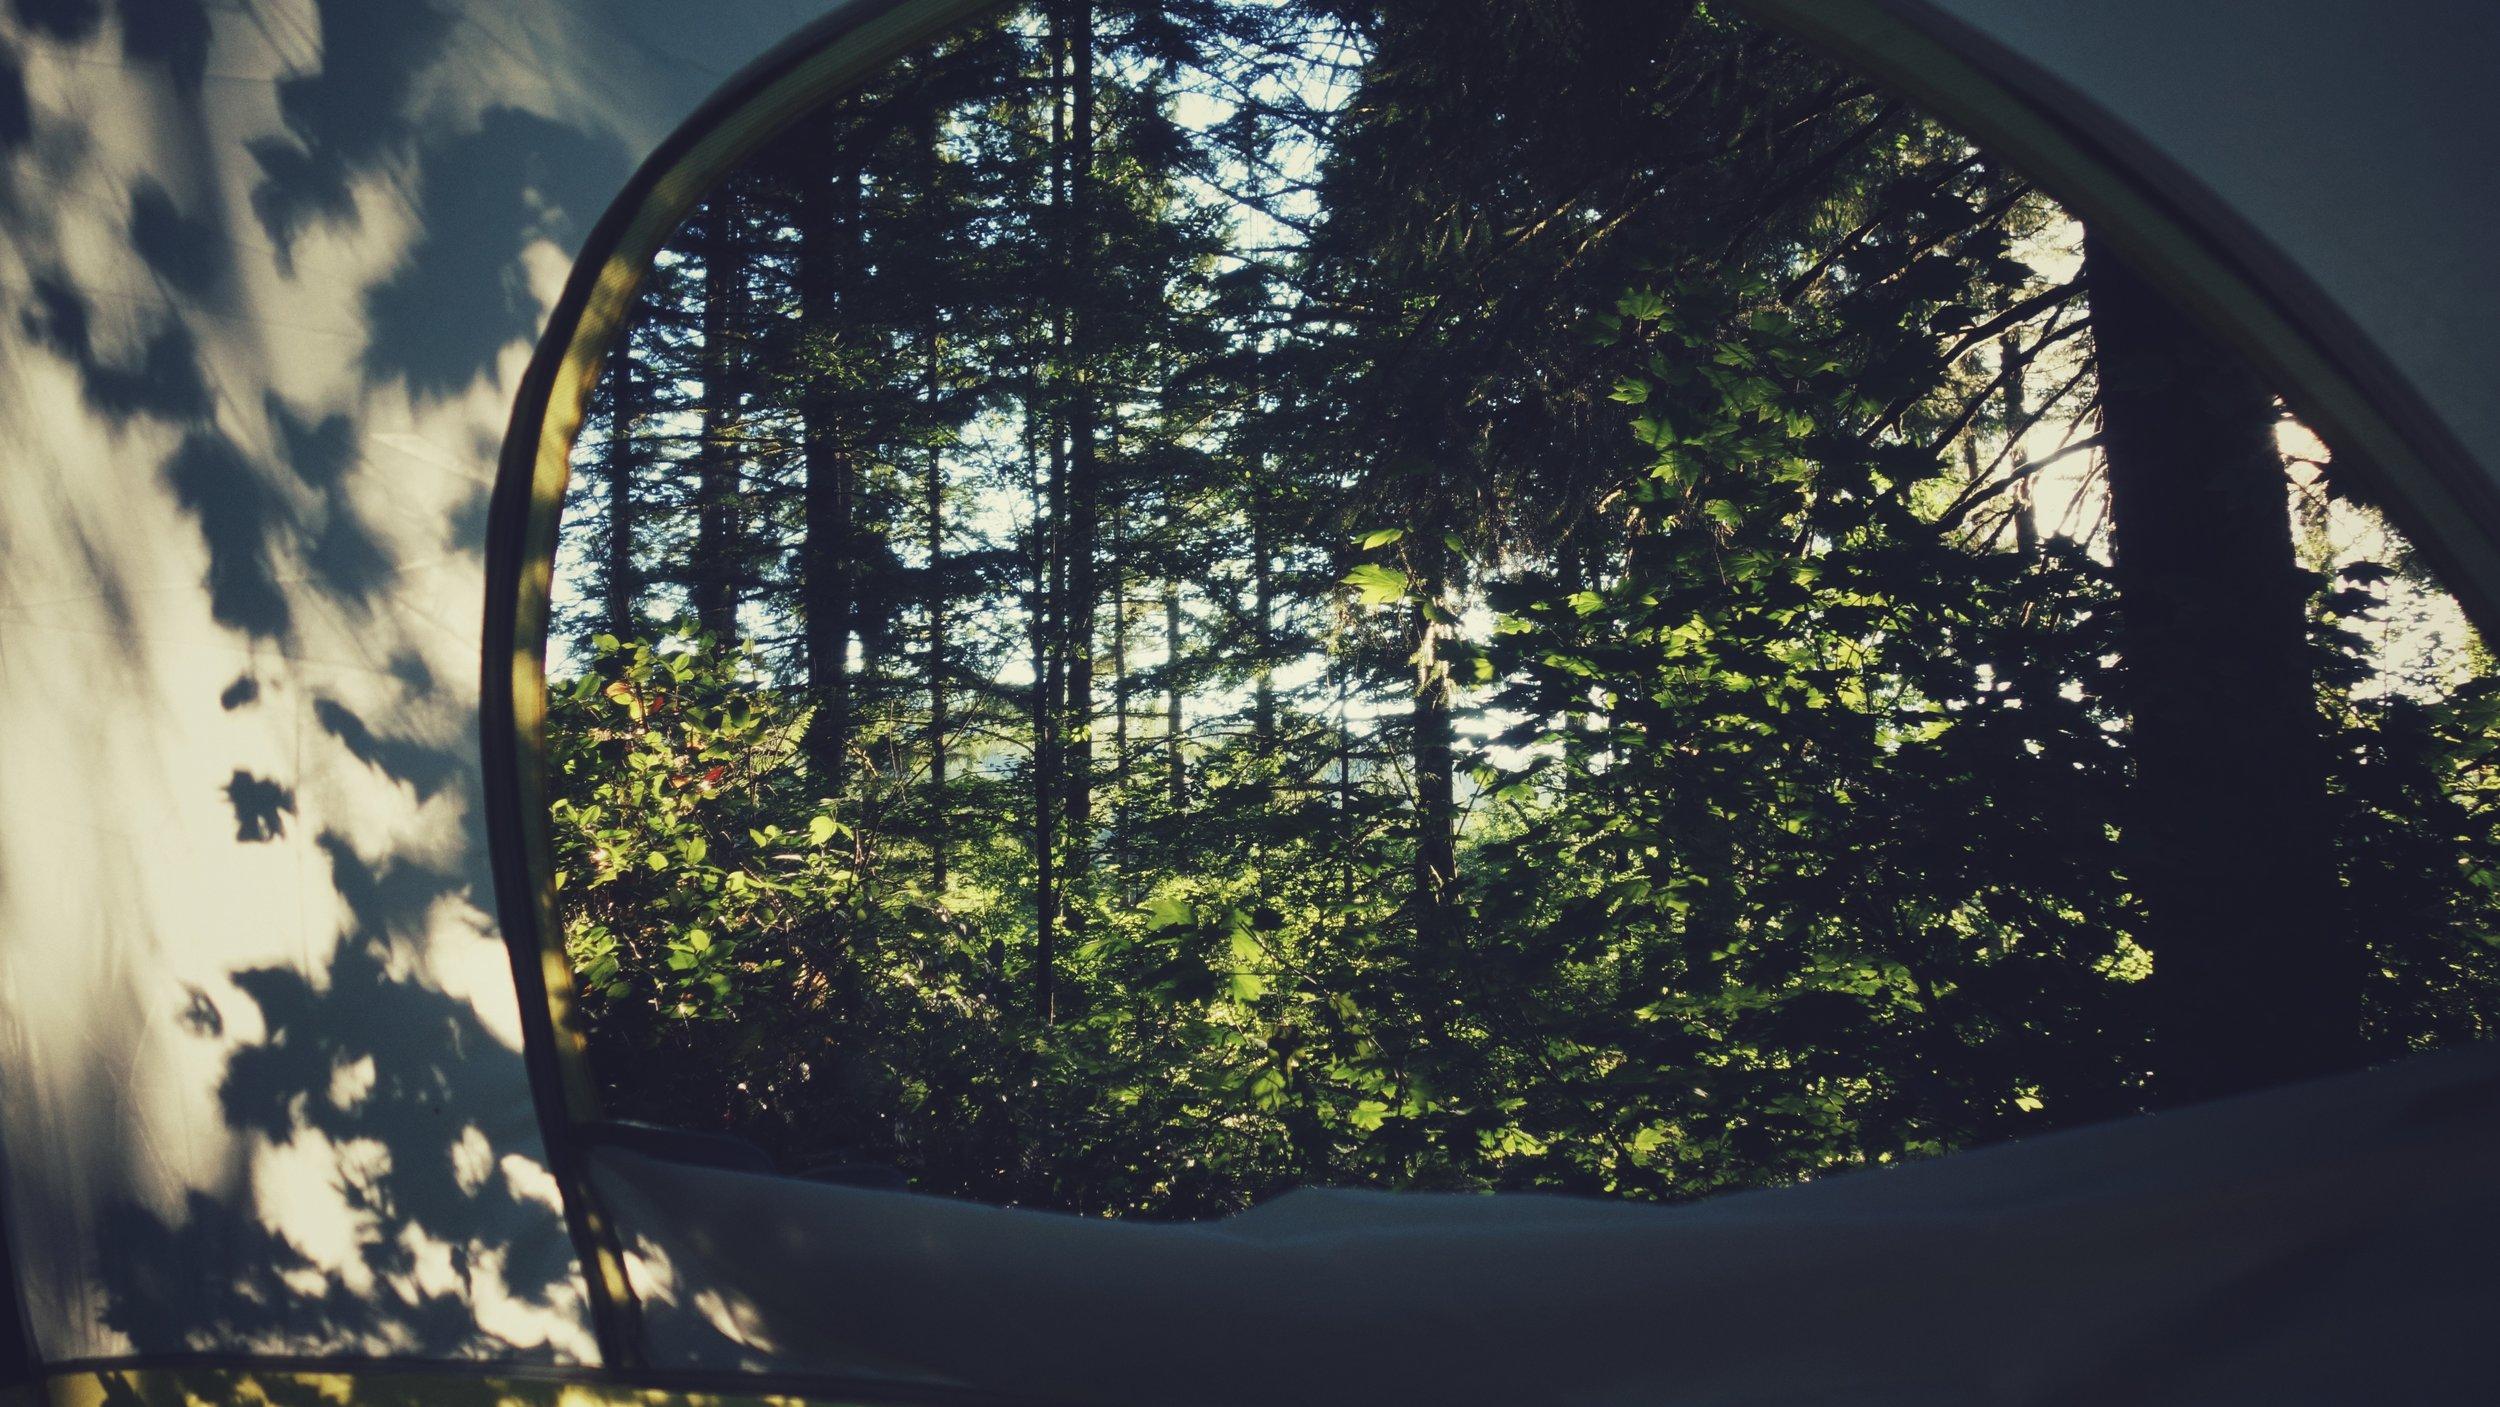 My bedroom window.